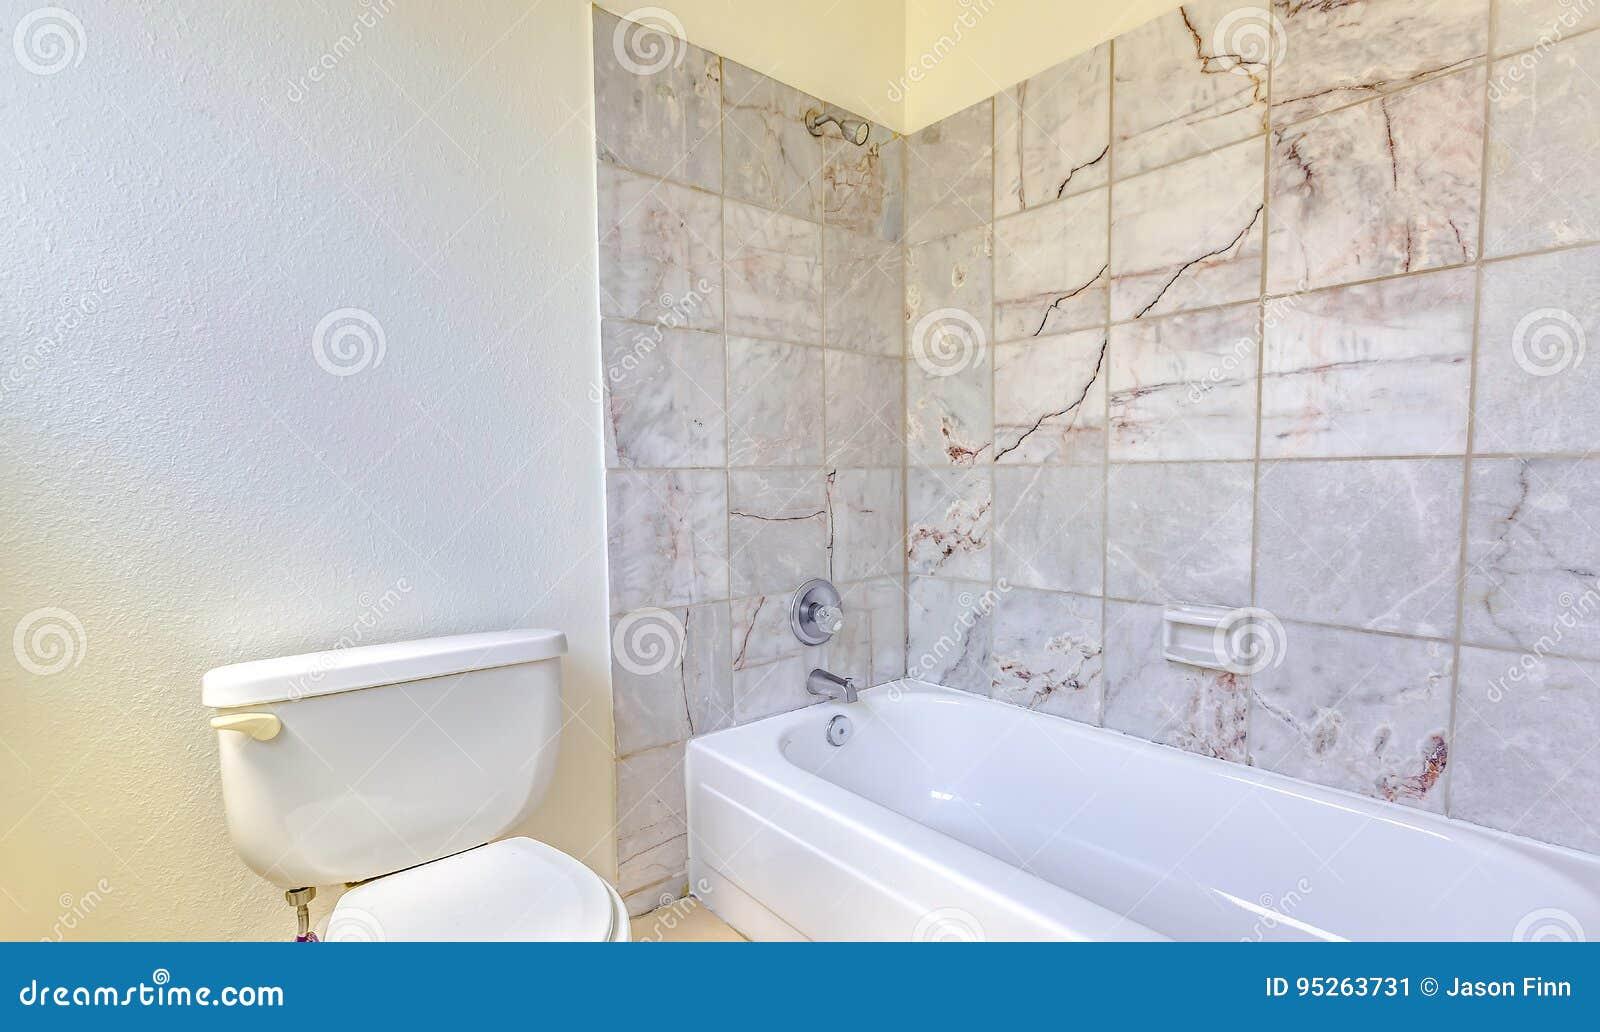 Vasca Da Bagno Rustica : Bagno con le mattonelle e la vasca rustiche immagine stock